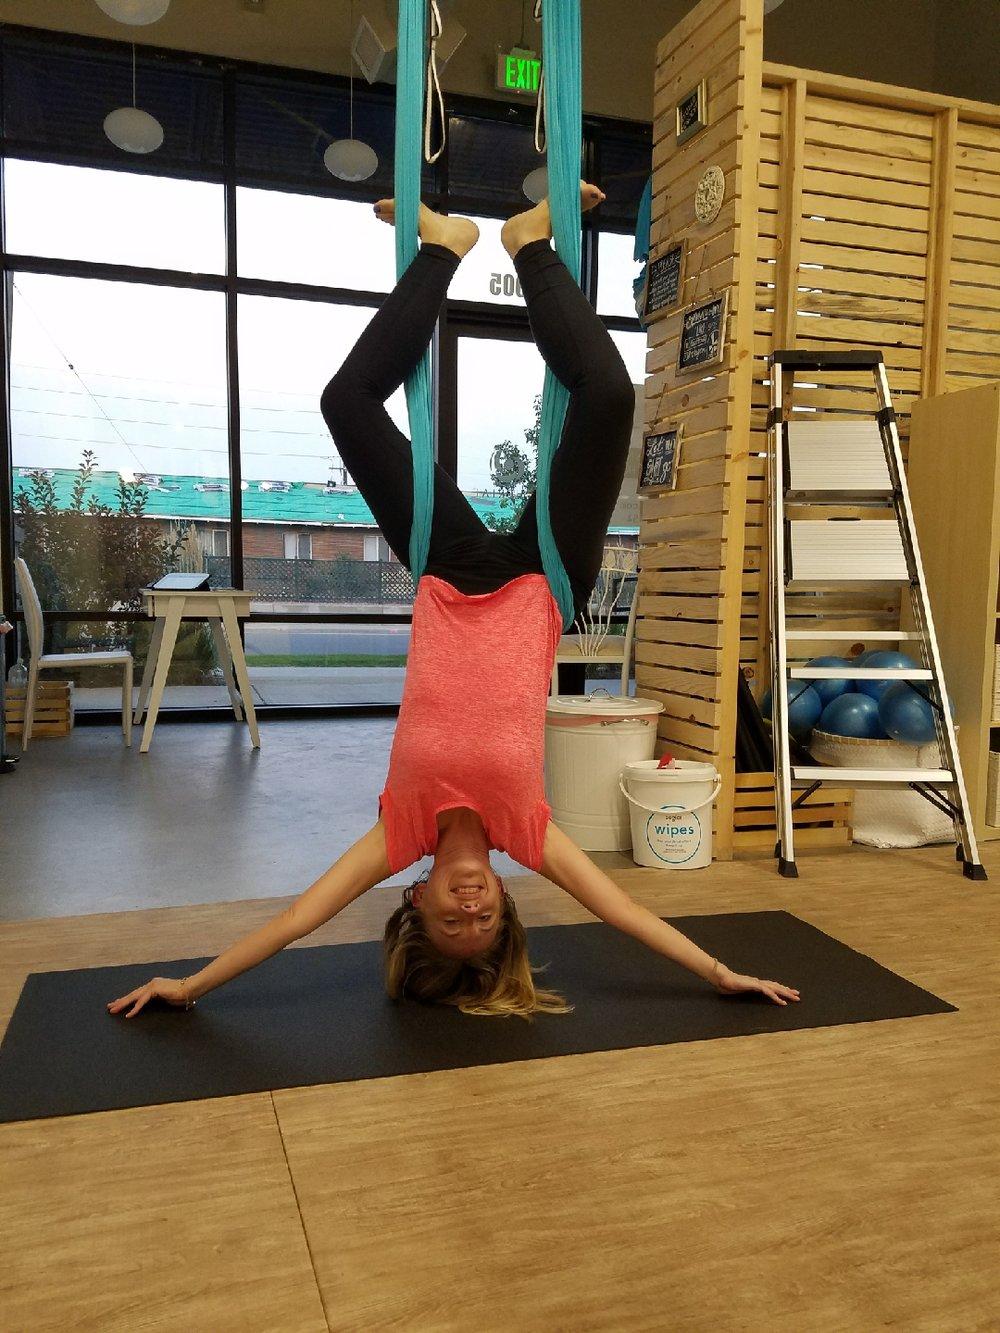 Aerial Yoga at Atherial in Denver